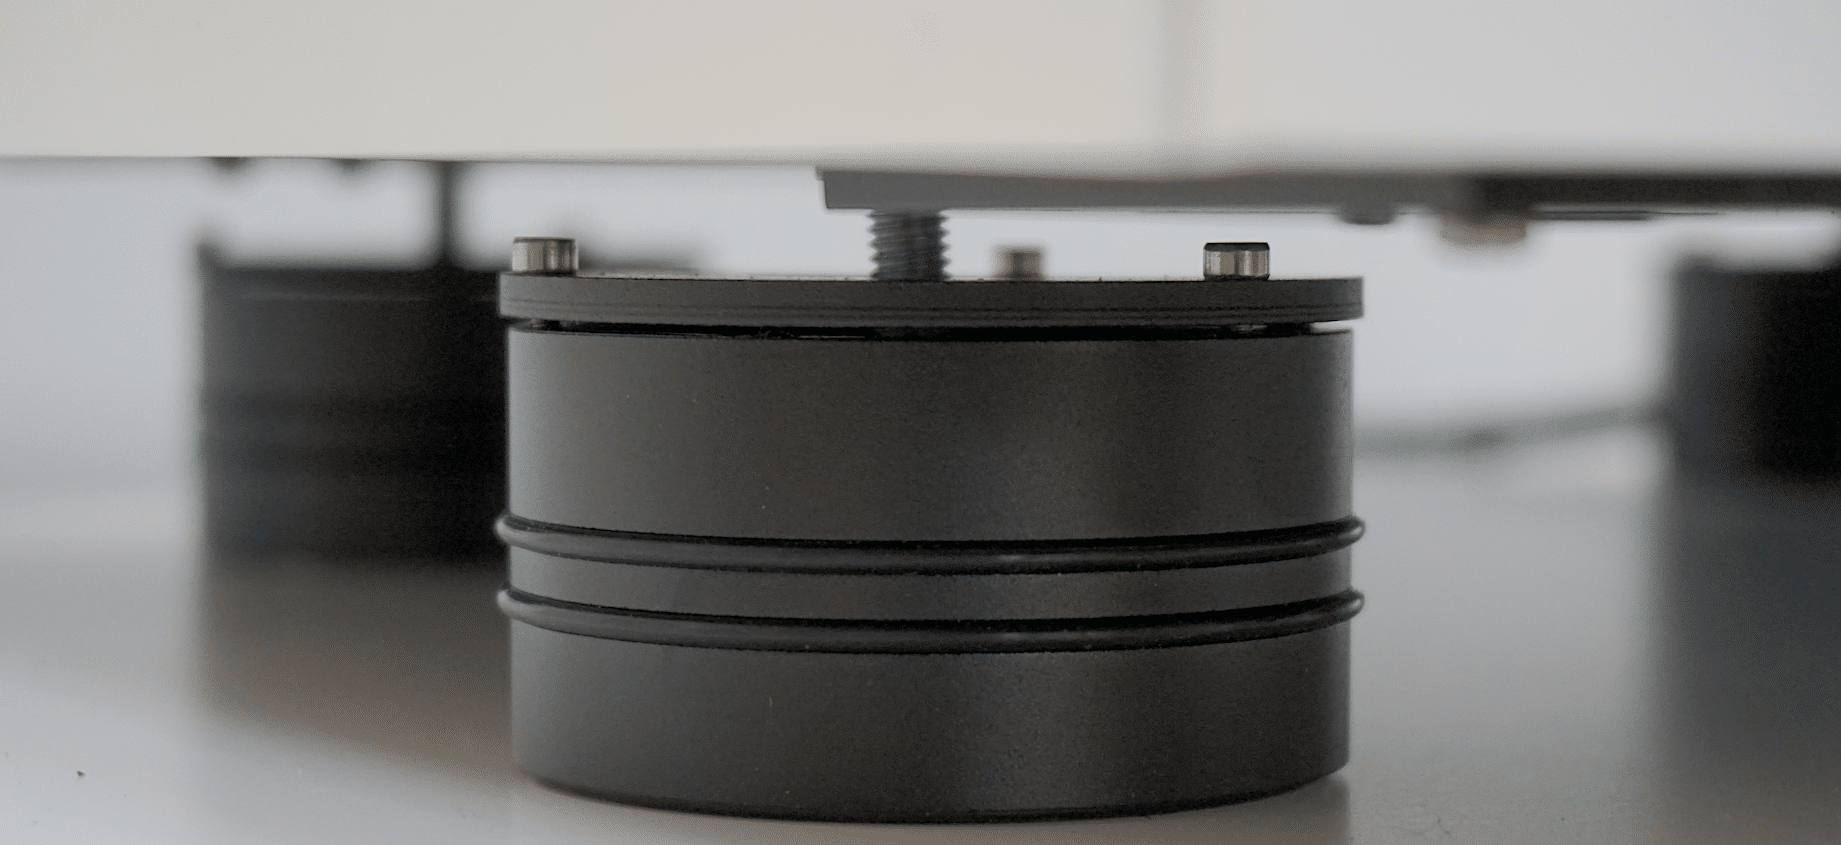 LITTLE SUPER DECK FROM FUNK FIRM + FX3